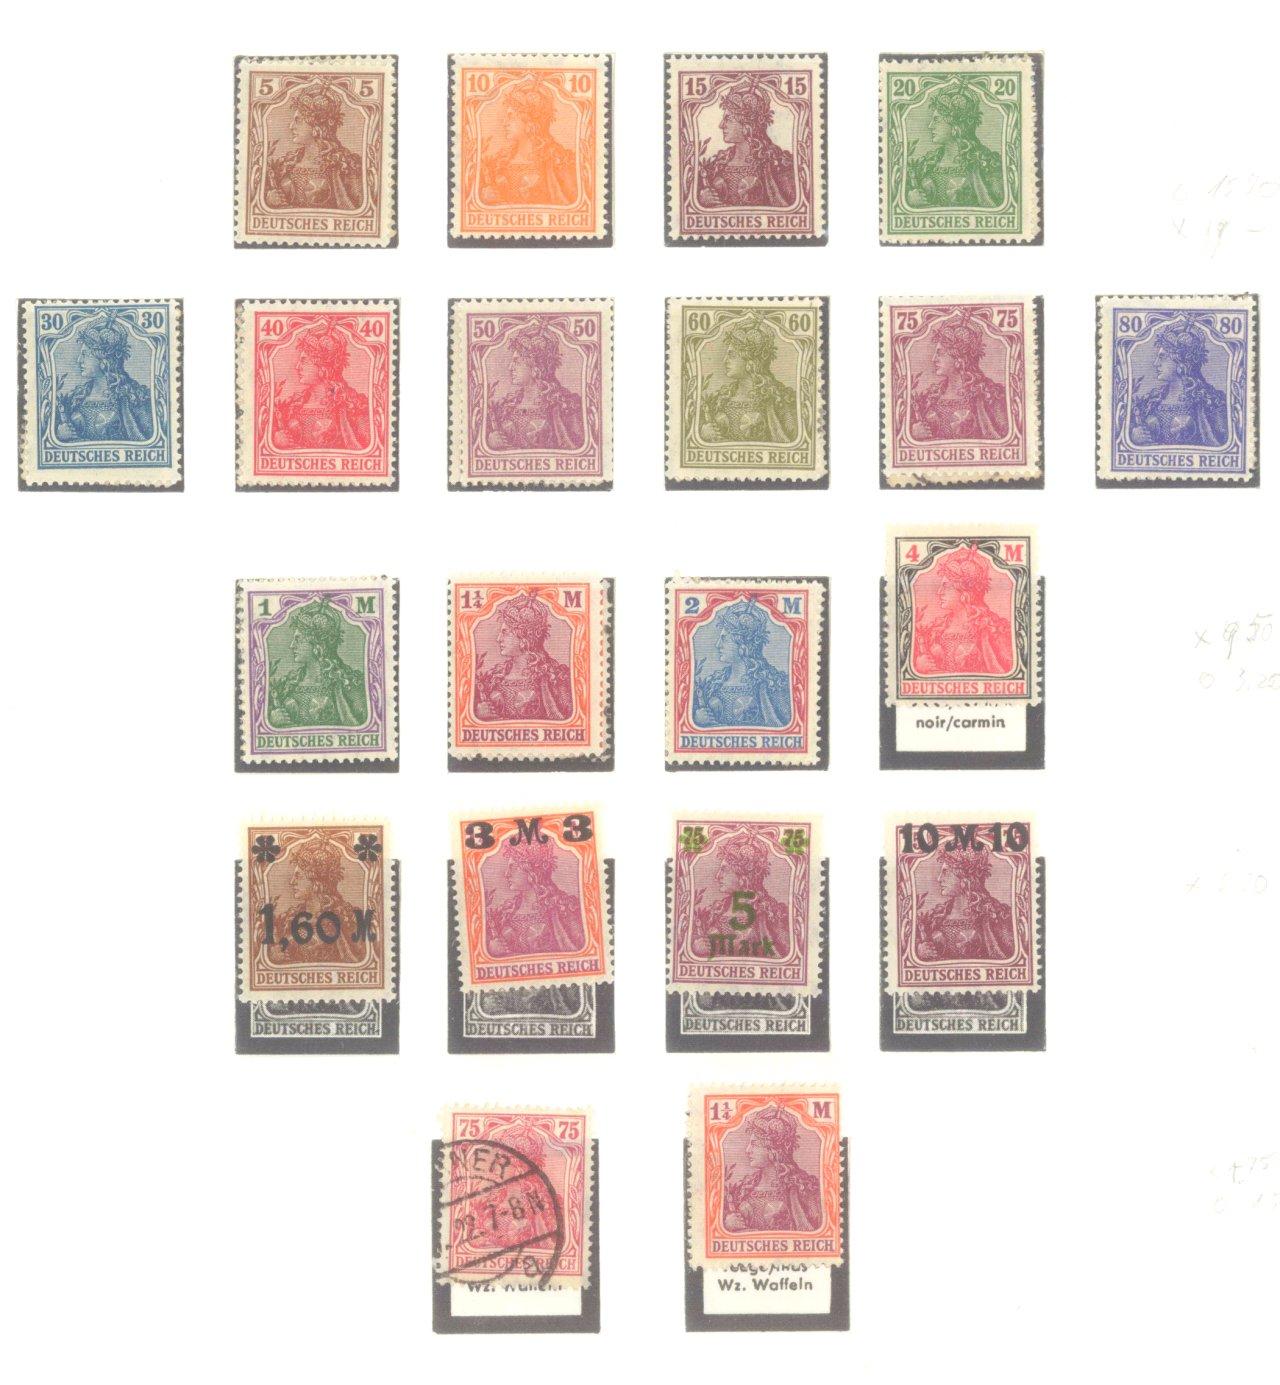 DEUTSCHES REICH – INFLATIONSZEIT 1916-1923-3